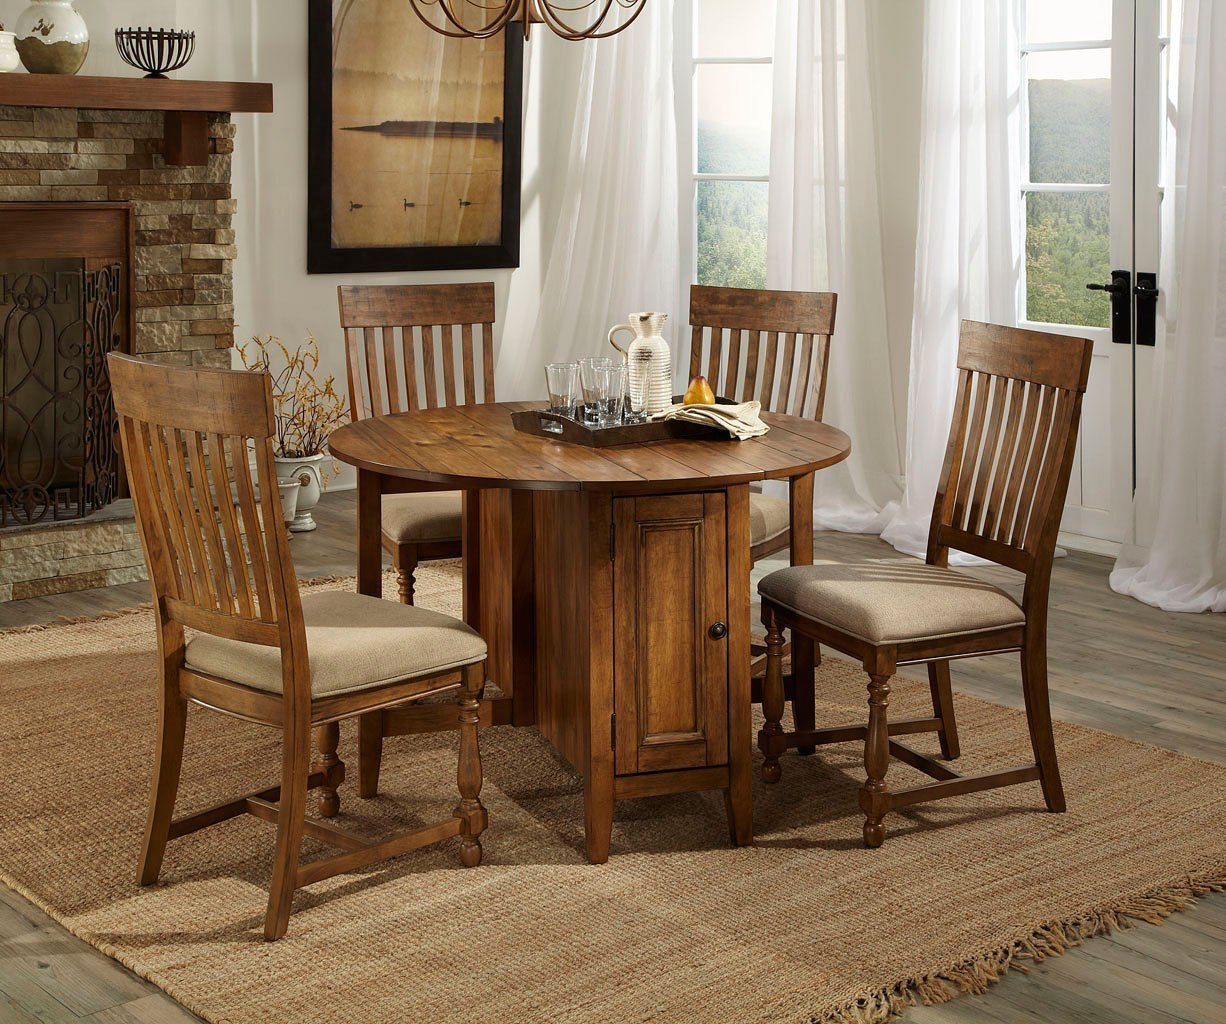 Rhone Round Kitchen Table Set By Intercon Furniture Furniturepick